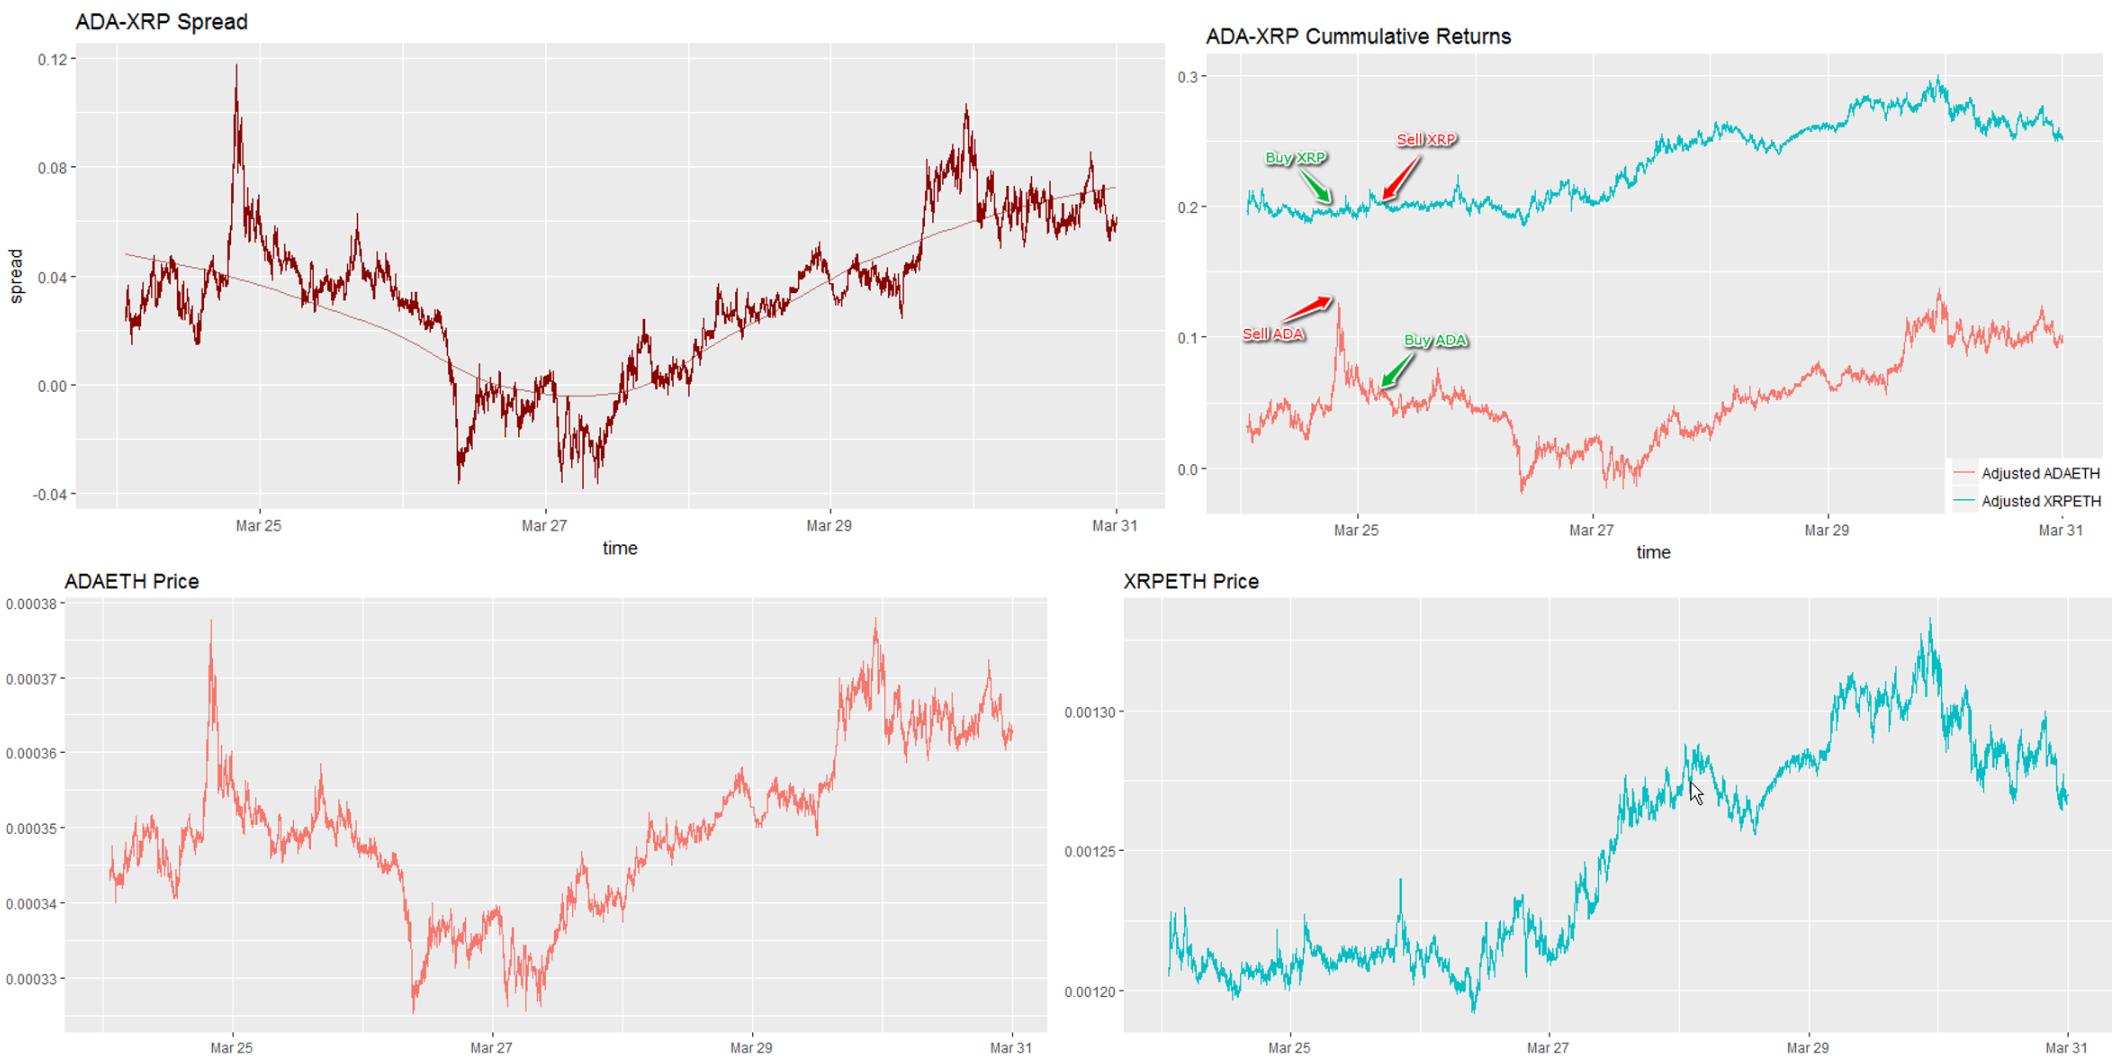 model de opțiuni binare furcă cea mai populară platformă de opțiuni binare